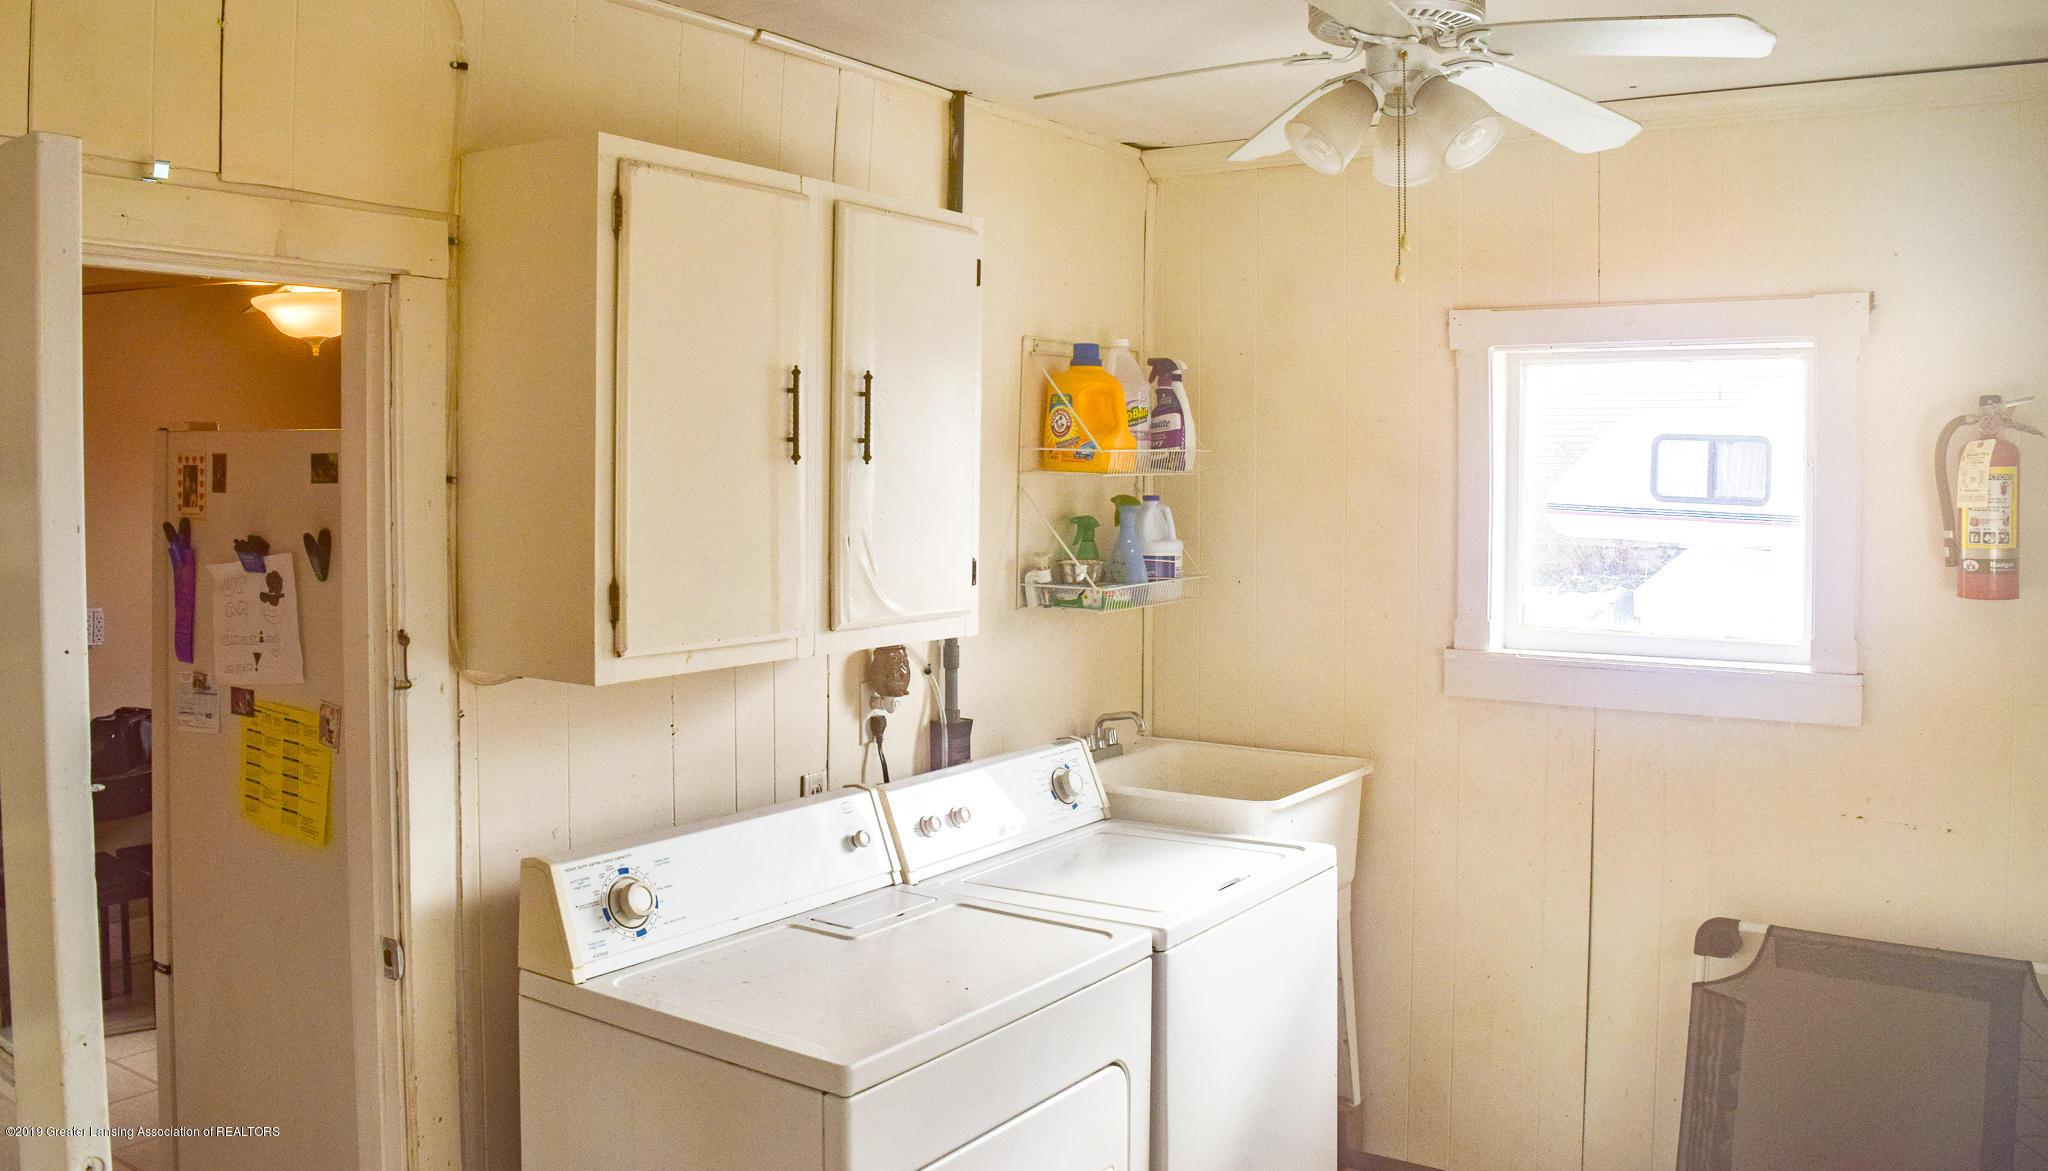 711 N Putnam St - Laundry Room - 14